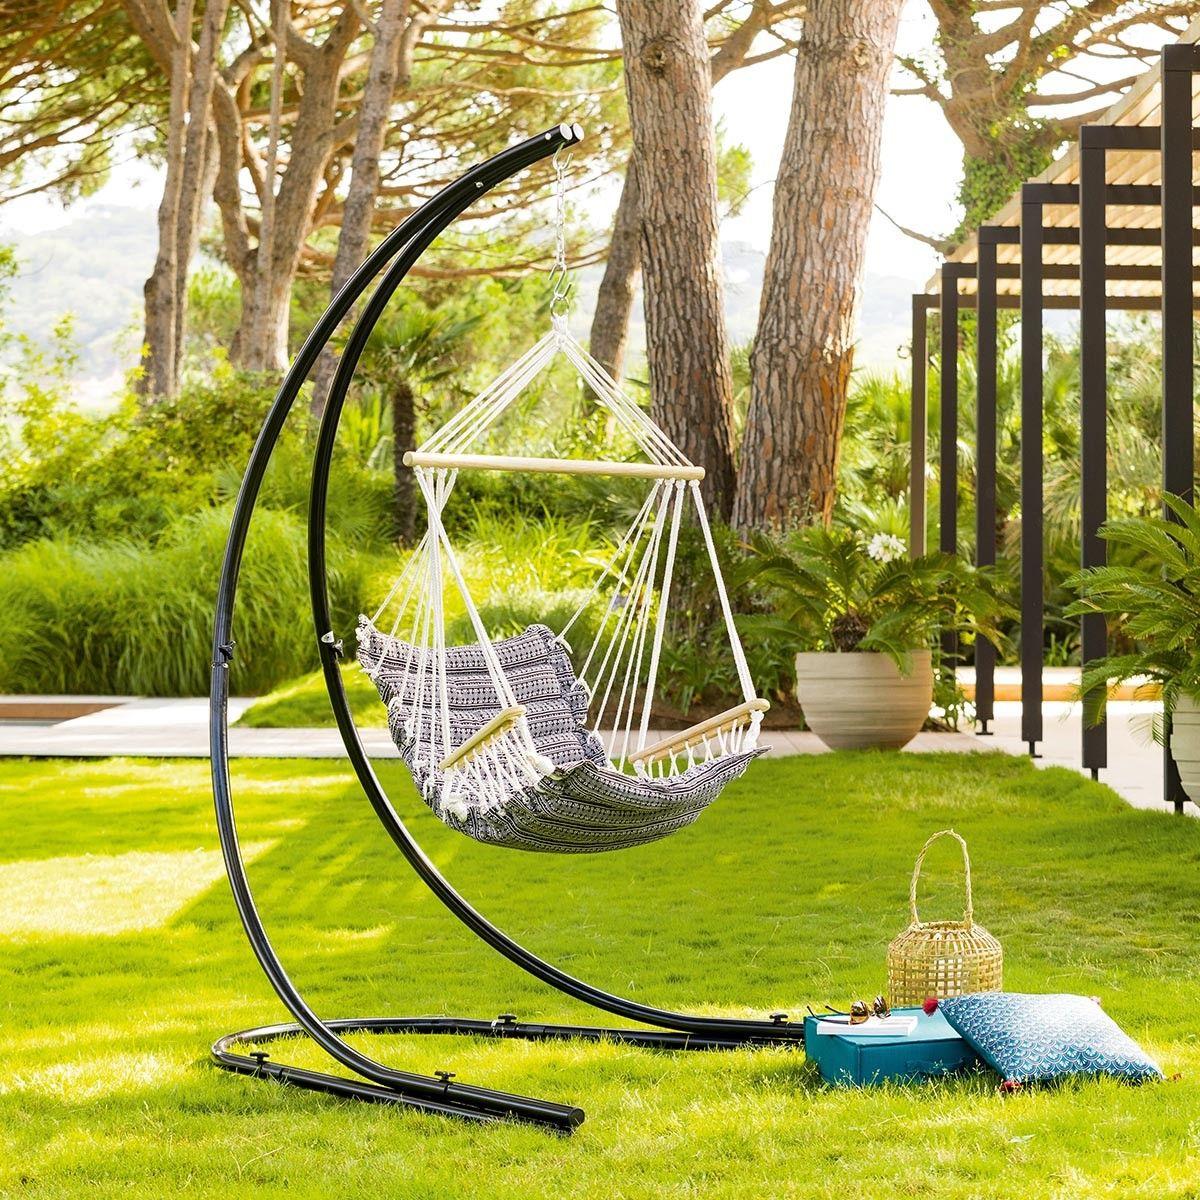 Detendez Vous Avec Exotisme Dans Votre Jardin Grace A La Chaise De